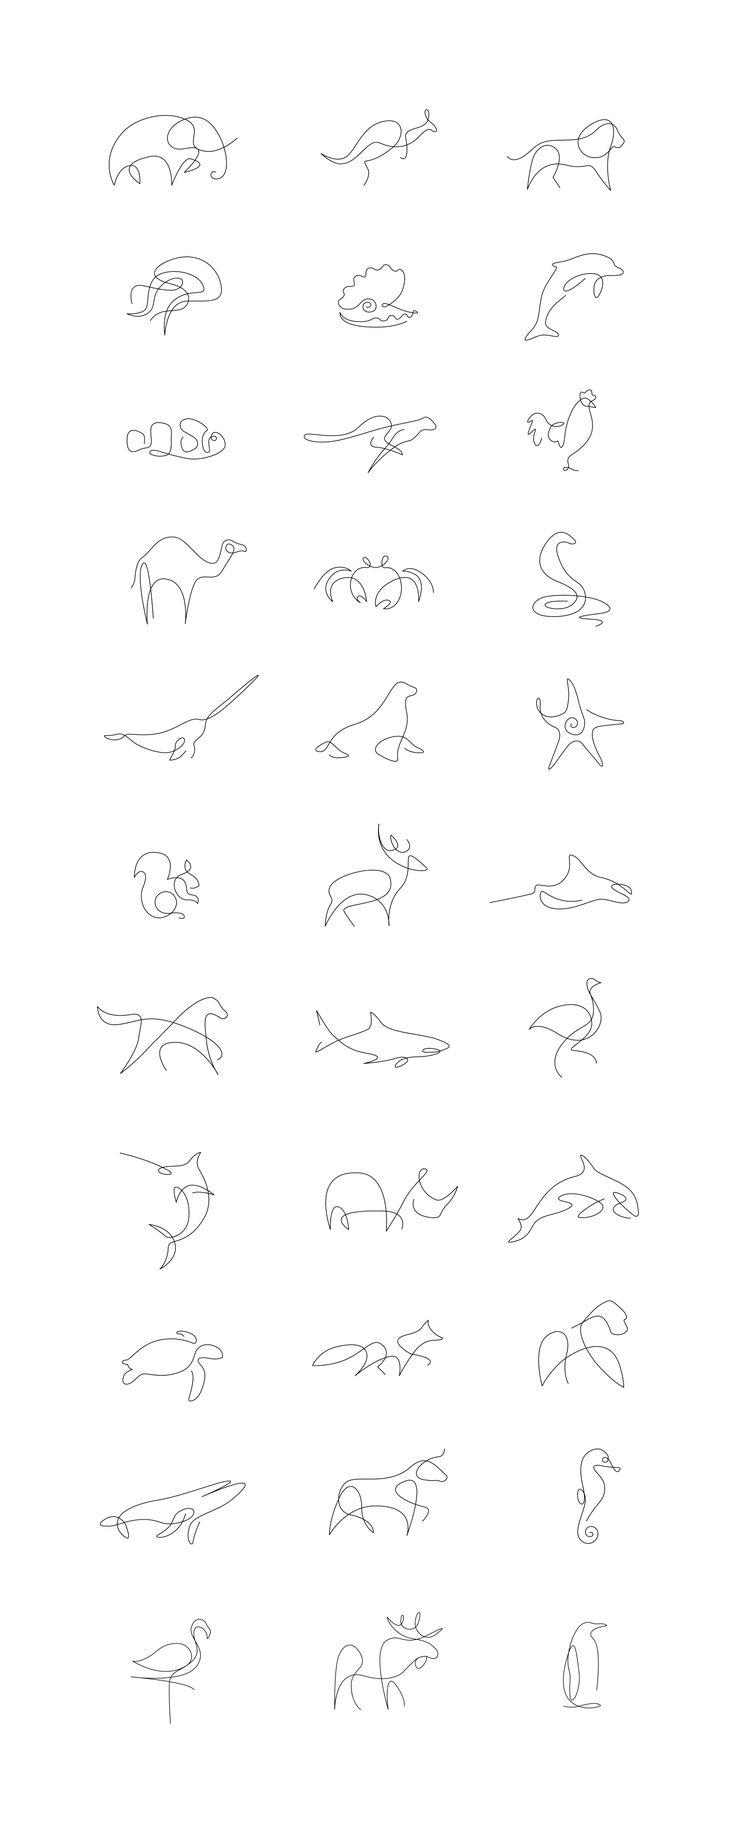 Single Line Unicode Art : Las mejores ideas sobre tatuajes pequeños en pinterest